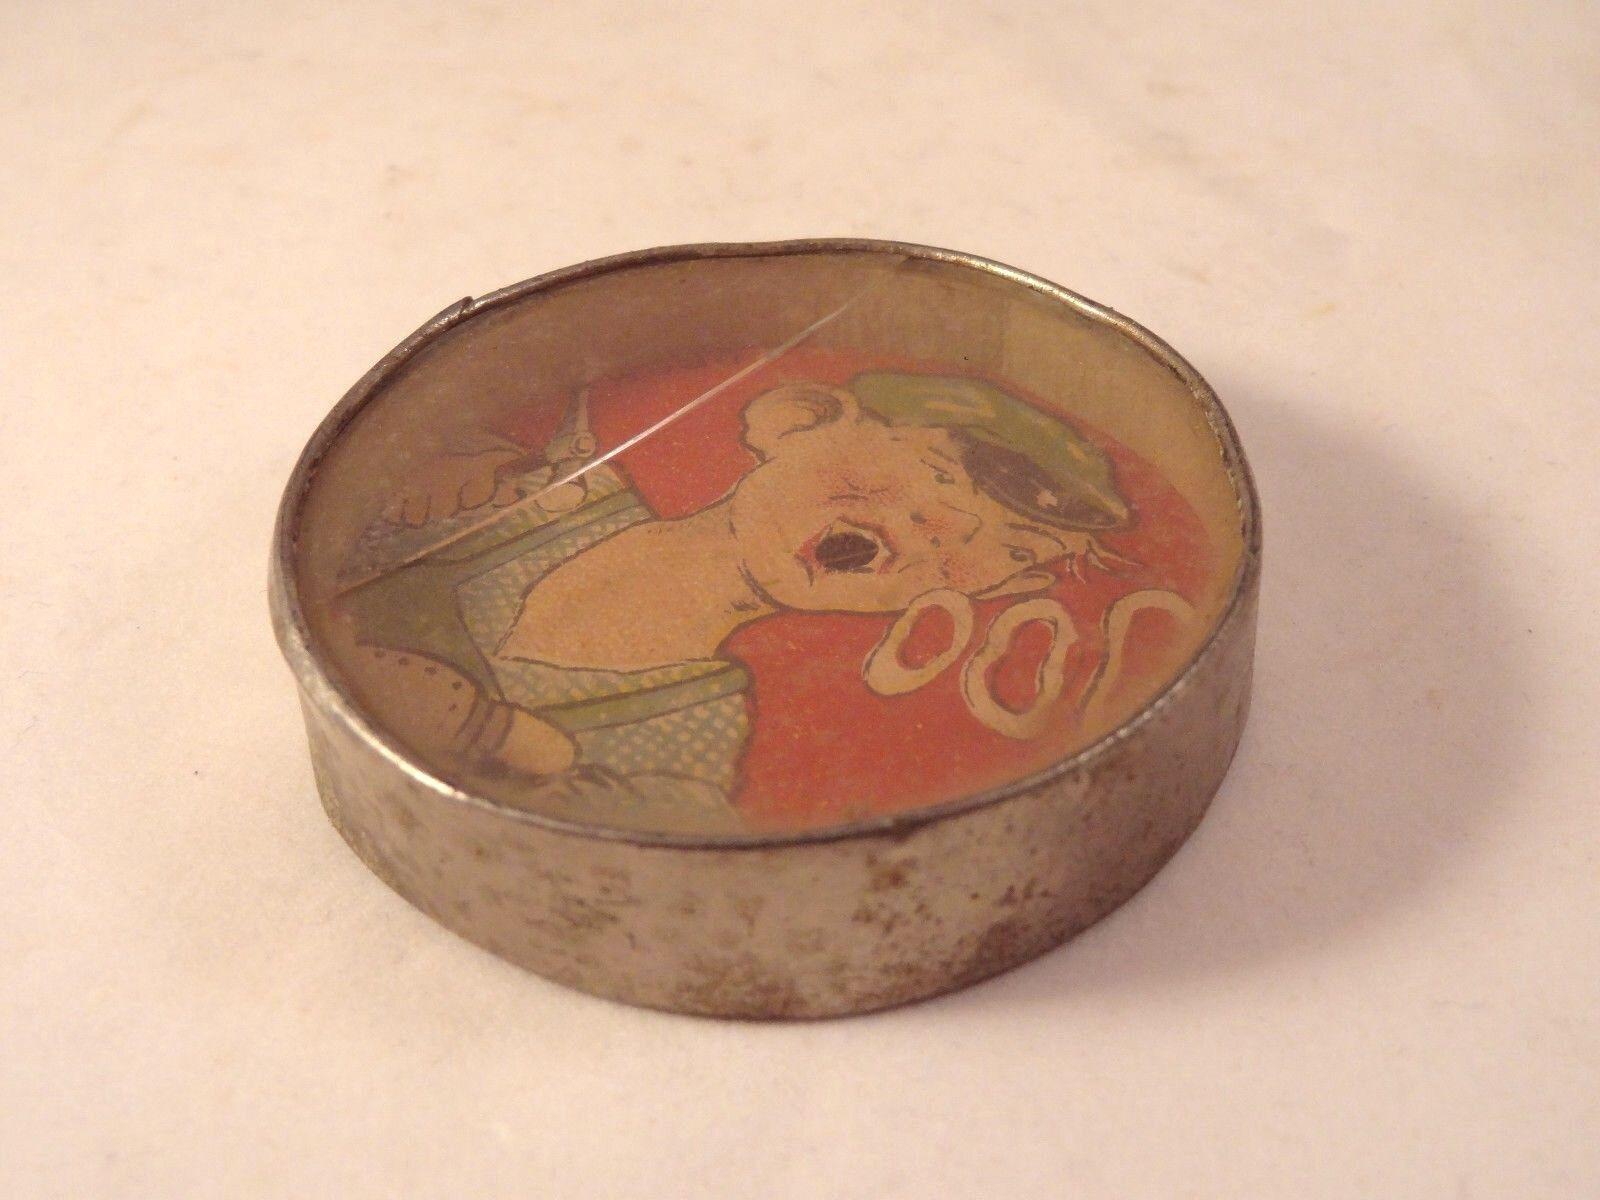 Ancien rare jeu patience dextérité cor ier cigare cigare cigare puzzle game adresse 1920 18ecfc